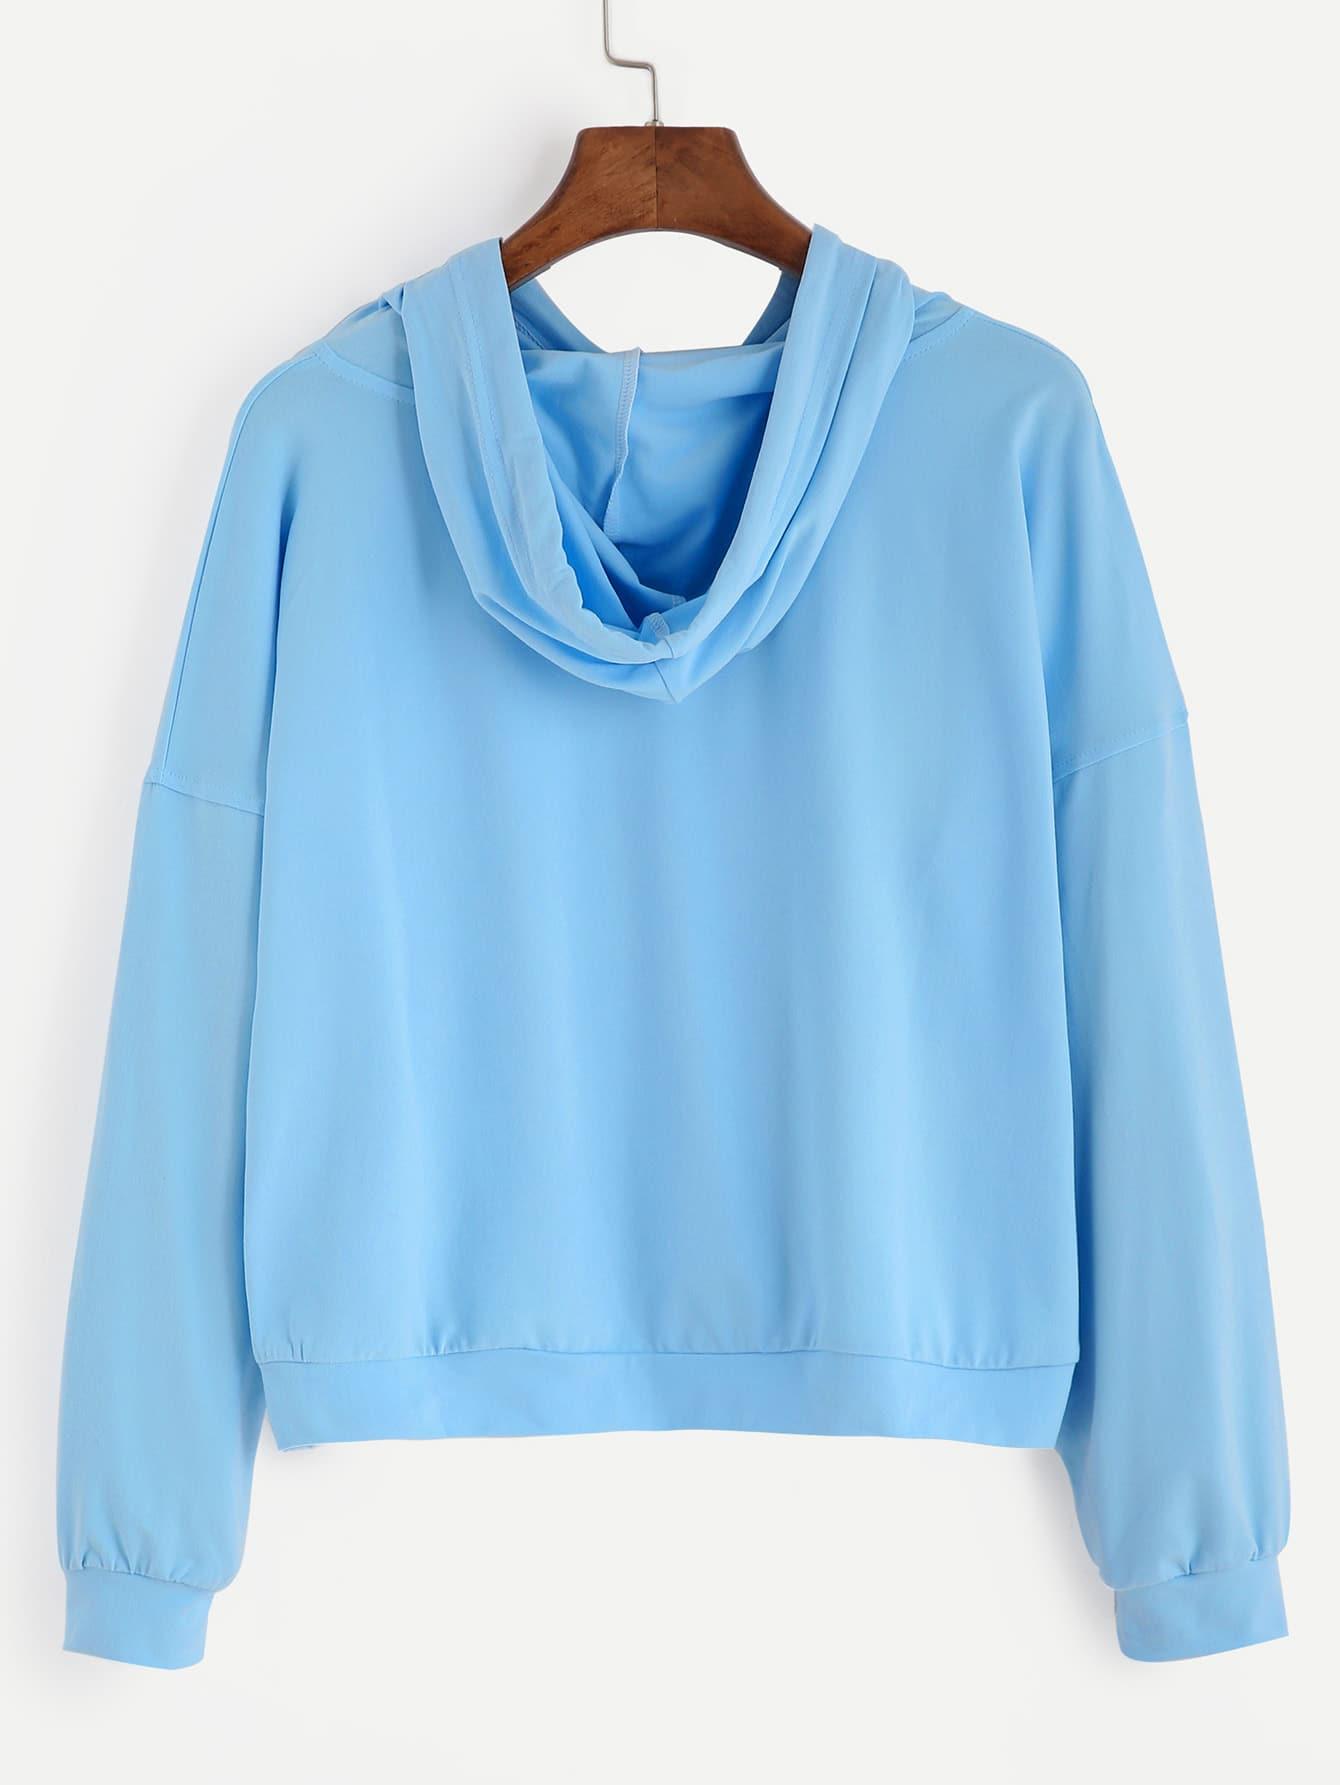 sweatshirt160808124_2